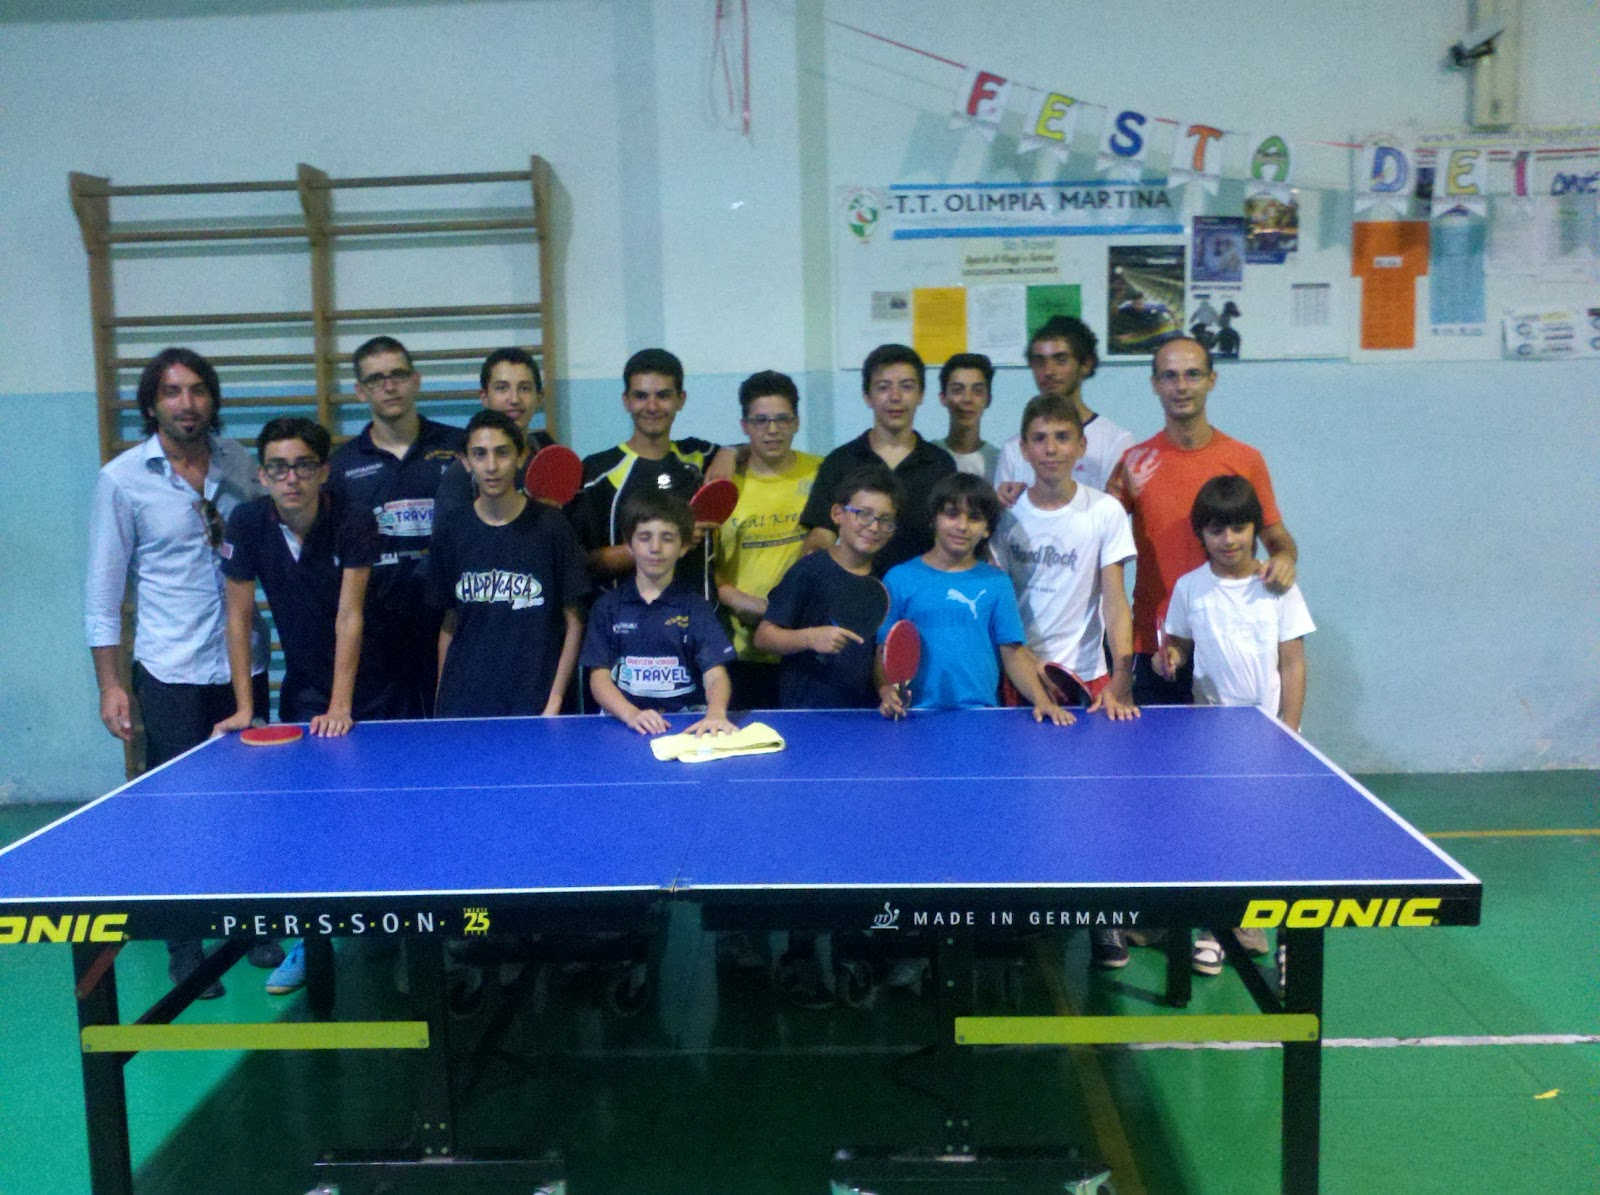 Si e 39 svolto ieri giovedi 39 5 luglio 2012 un incontro - Stefano bosi tennis tavolo ...